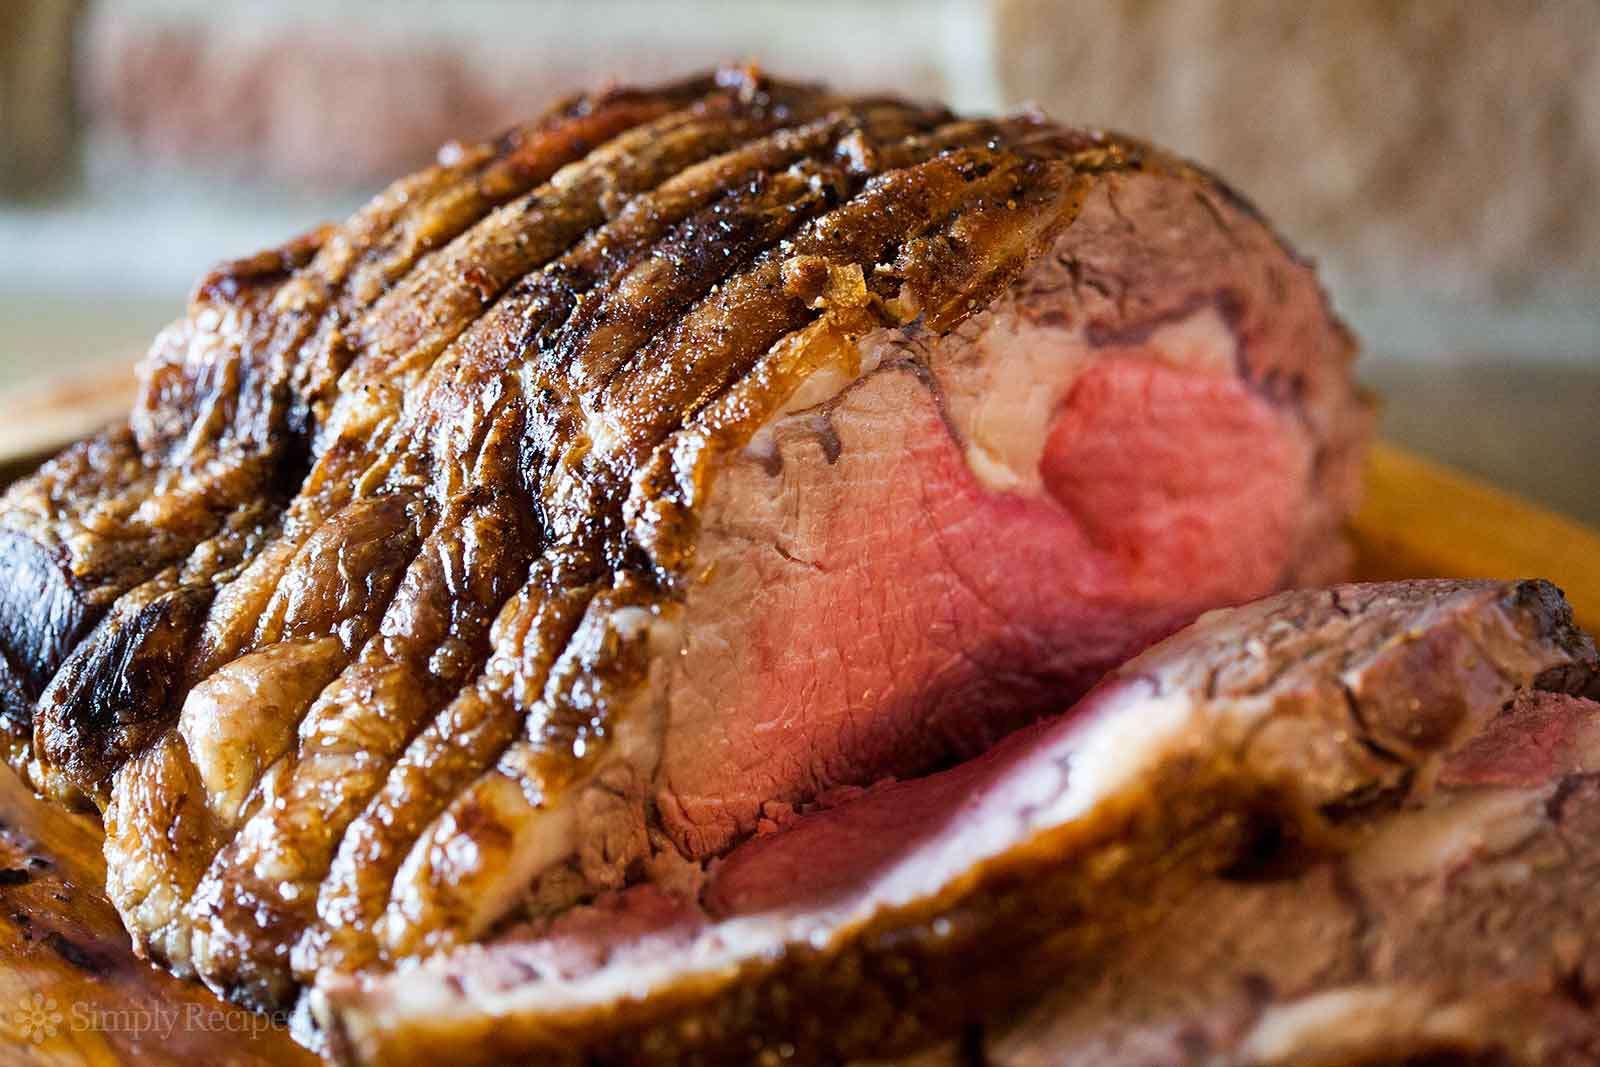 Sliced prime rib roast on a platter